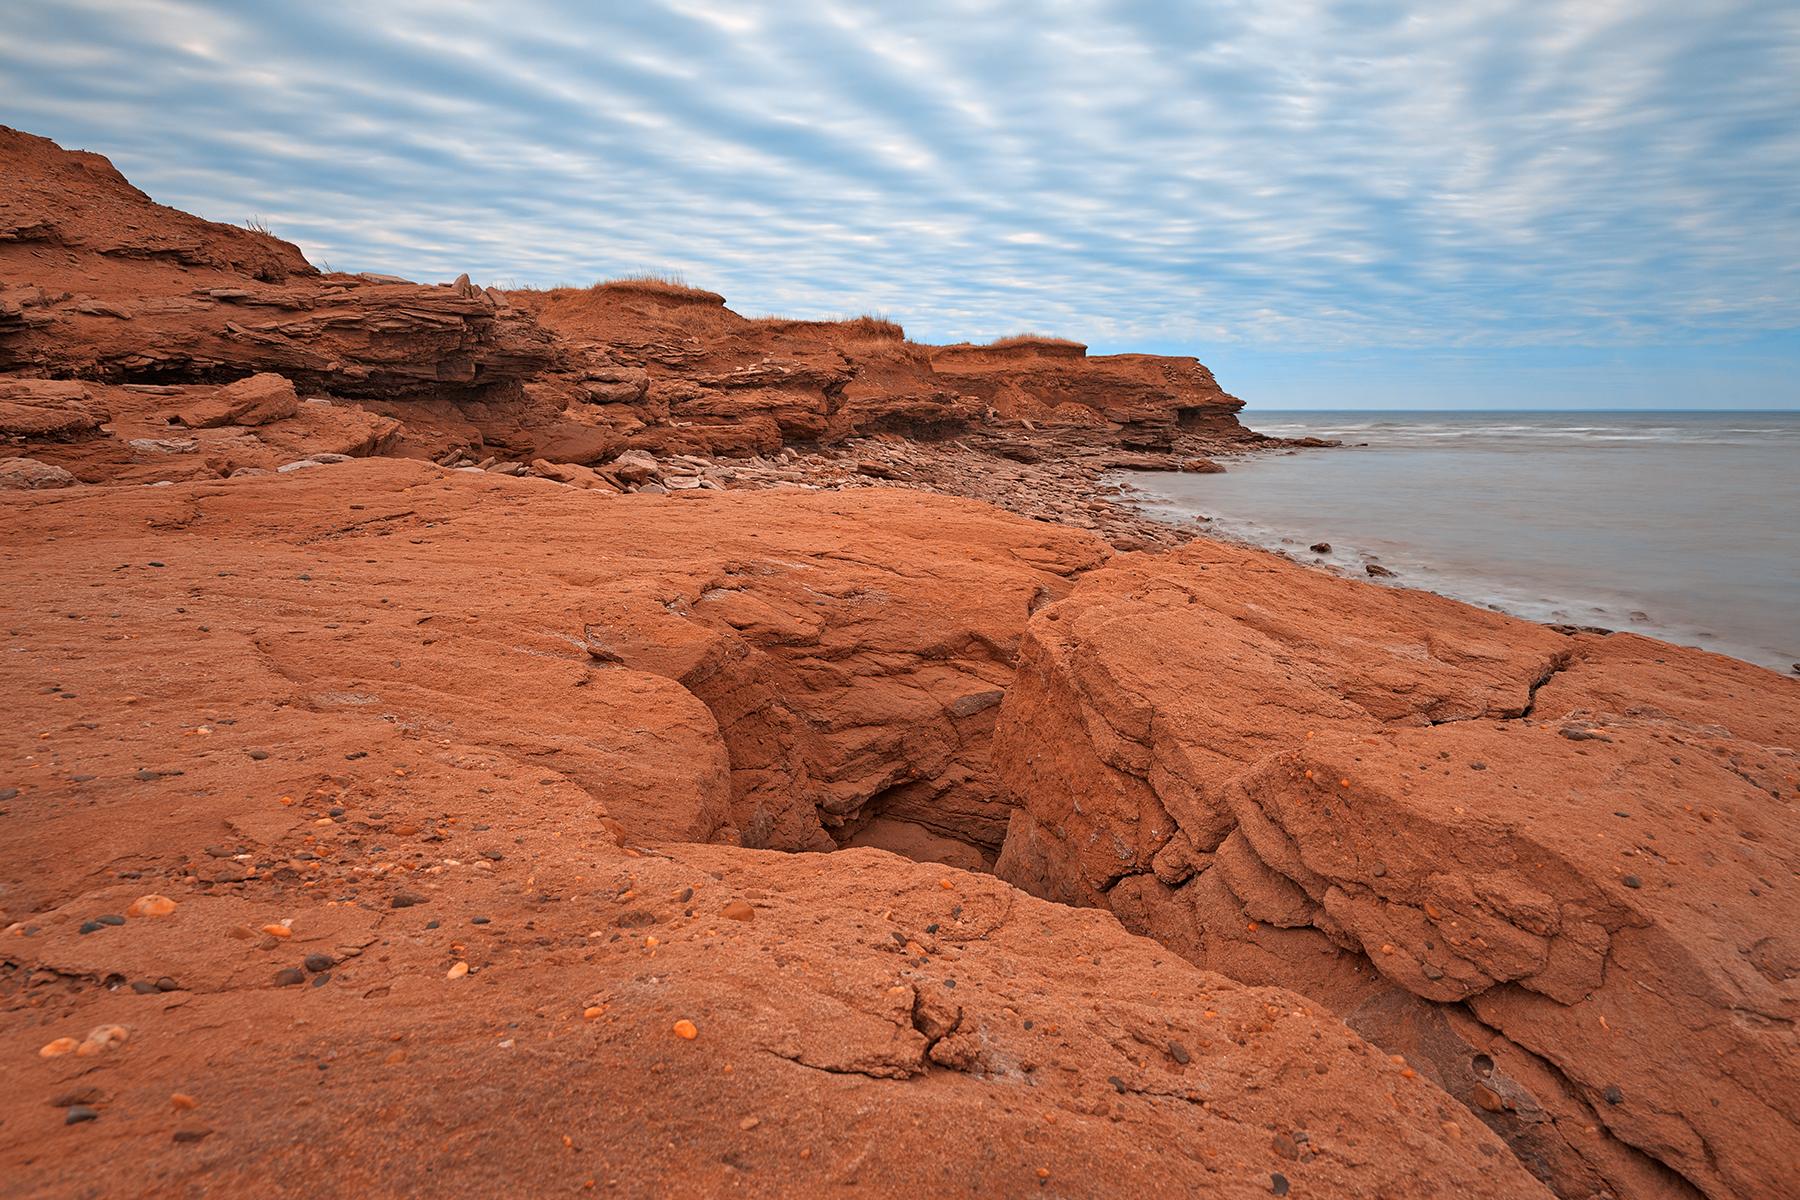 PEI North Cape - HDR, Angle, Pretty, Scene, Rugged, HQ Photo